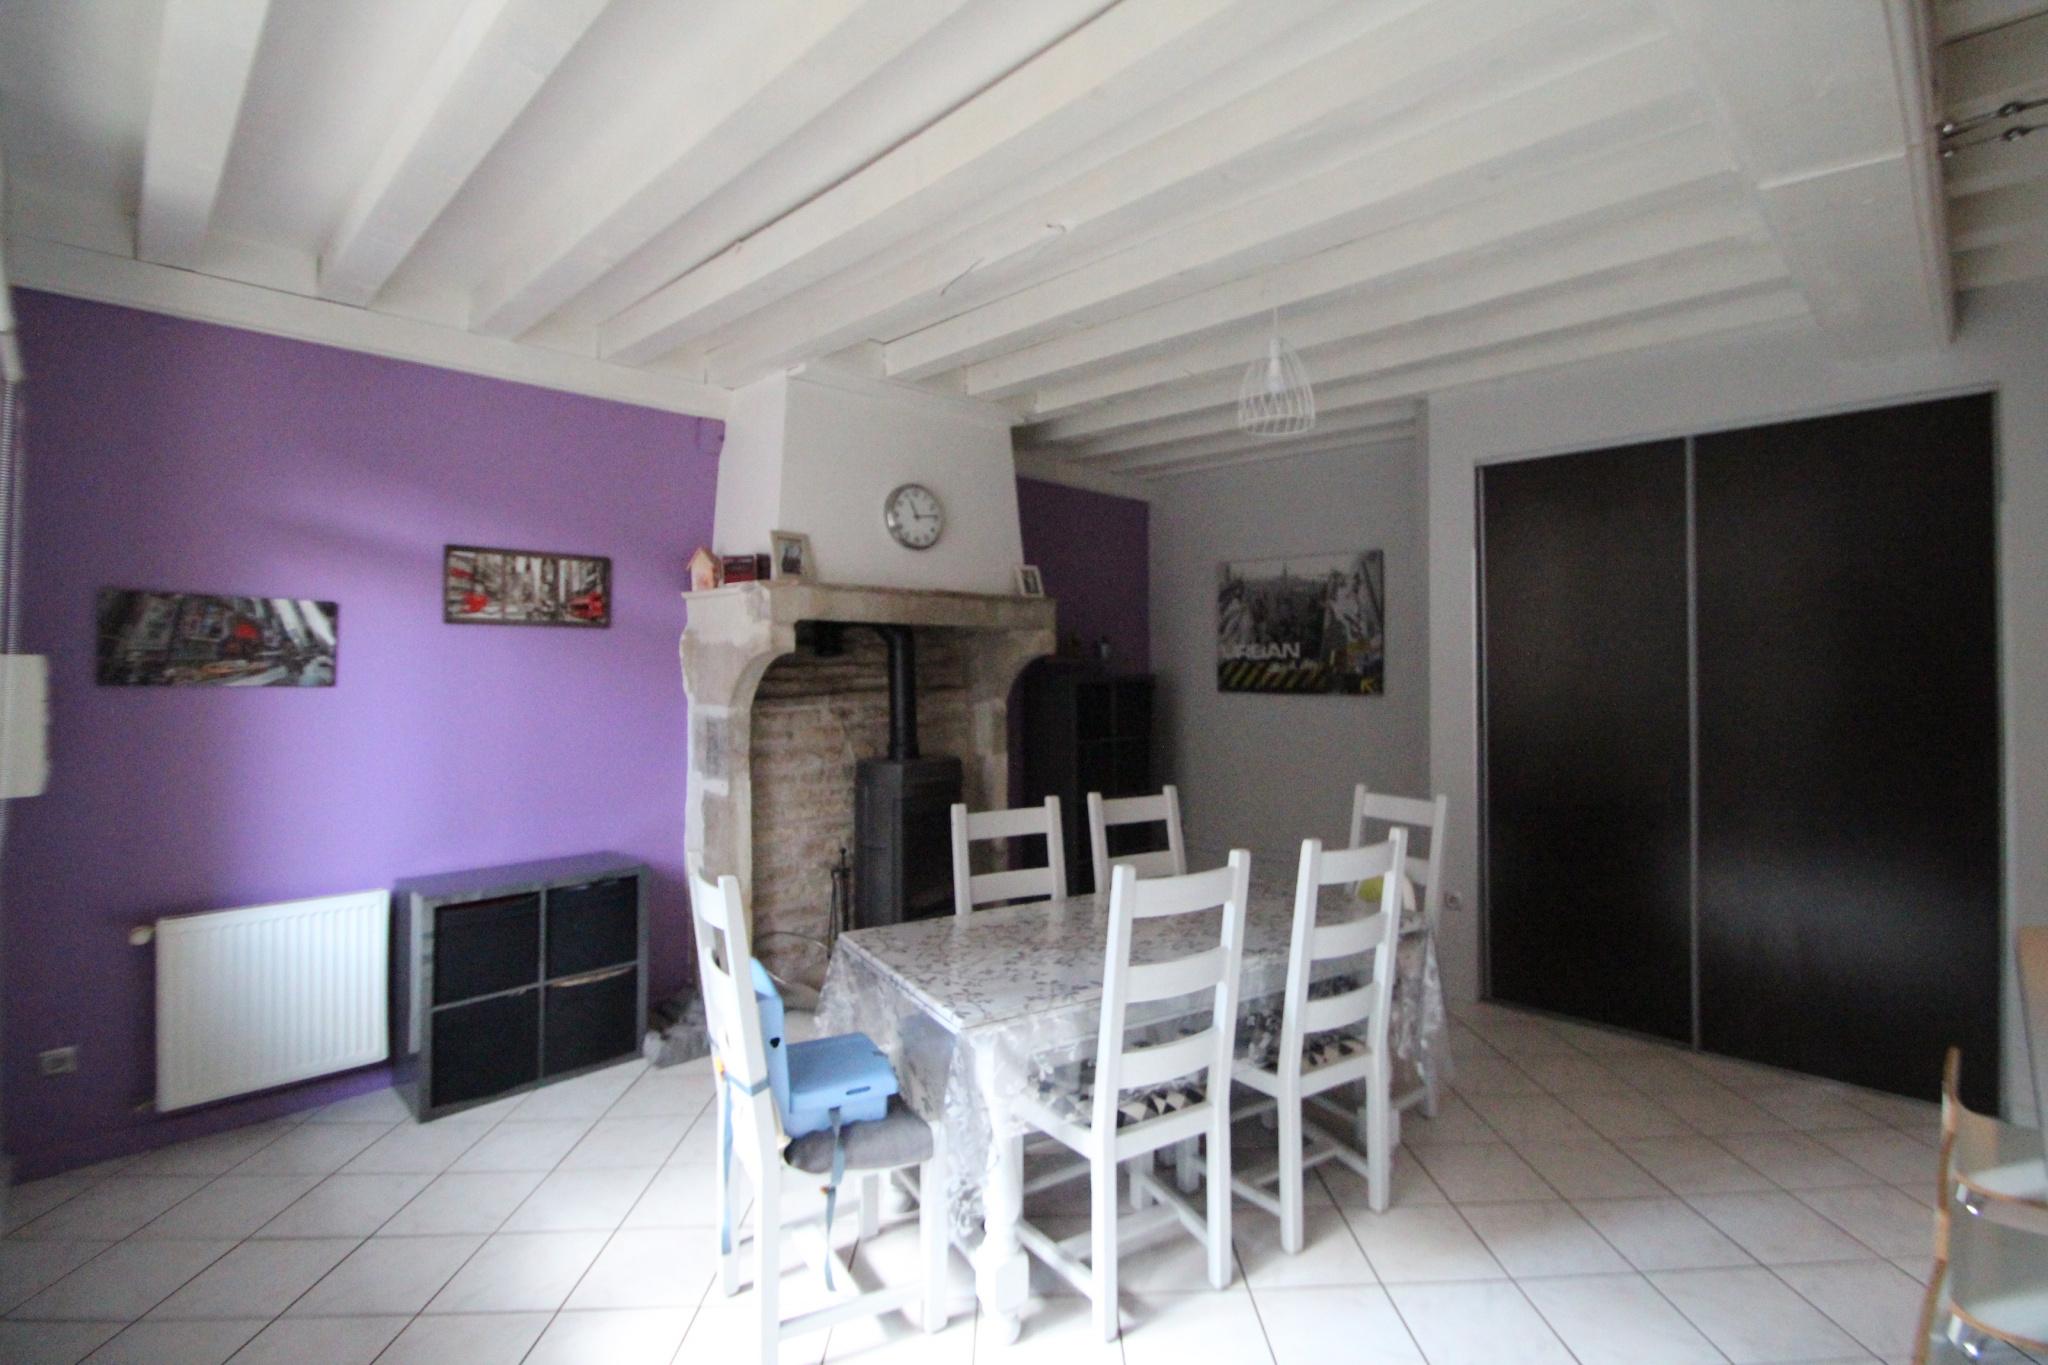 Vente maison/villa meuilley transco